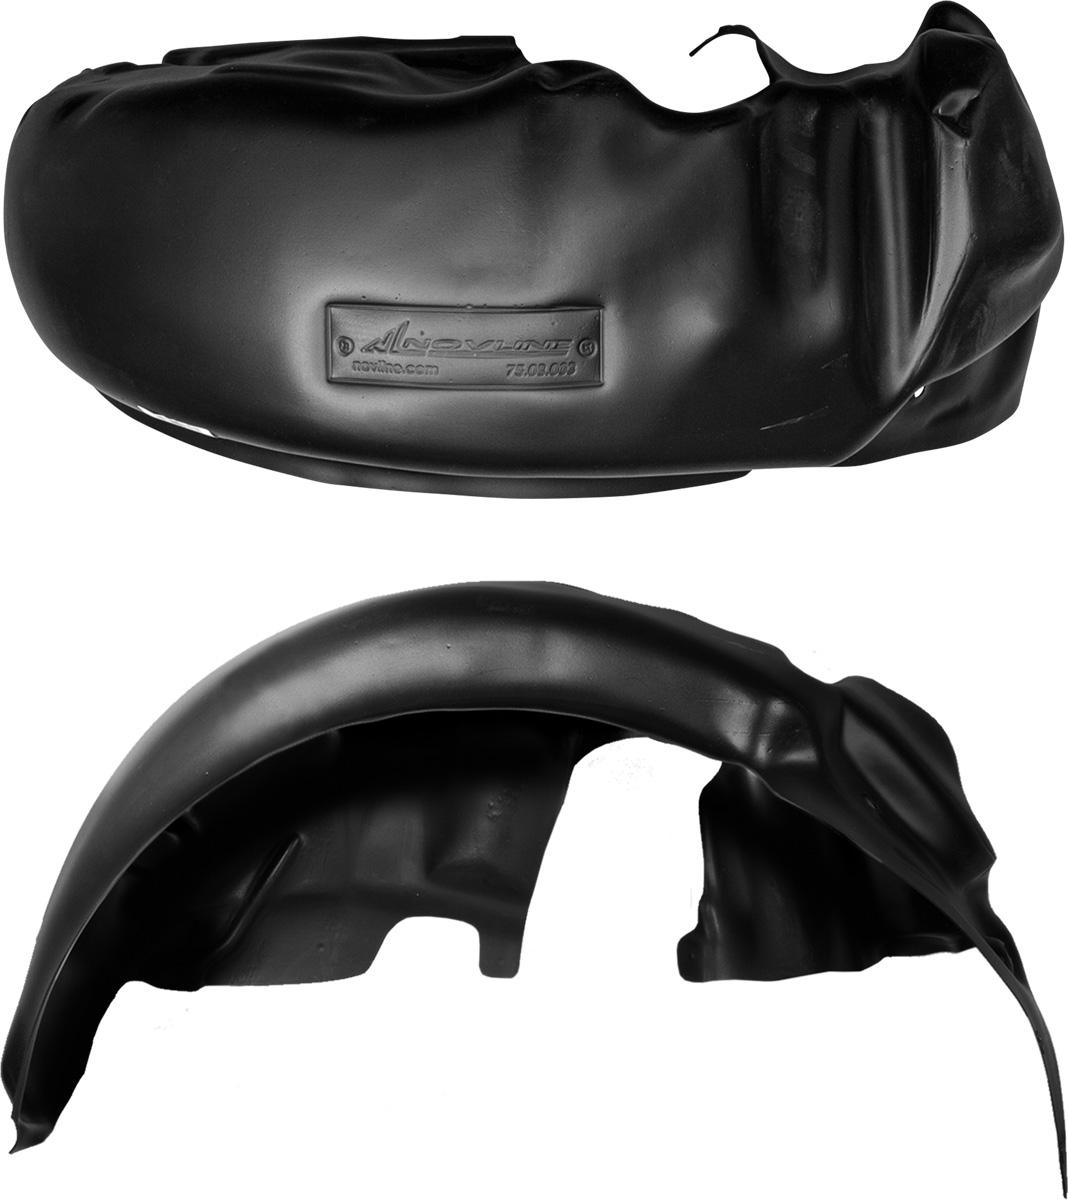 Подкрылок LADA Largus, 2012 ->, задний левыйNLL.52.26.003Колесные ниши – одни из самых уязвимых зон днища вашего автомобиля. Они постоянно подвергаются воздействию со стороны дороги. Лучшая, почти абсолютная защита для них - специально отформованные пластиковые кожухи, которые называются подкрылками, или локерами. Производятся они как для отечественных моделей автомобилей, так и для иномарок. Подкрылки выполнены из высококачественного, экологически чистого пластика. Обеспечивают надежную защиту кузова автомобиля от пескоструйного эффекта и негативного влияния, агрессивных антигололедных реагентов. Пластик обладает более низкой теплопроводностью, чем металл, поэтому в зимний период эксплуатации использование пластиковых подкрылков позволяет лучше защитить колесные ниши от налипания снега и образования наледи. Оригинальность конструкции подчеркивает элегантность автомобиля, бережно защищает нанесенное на днище кузова антикоррозийное покрытие и позволяет осуществить крепление подкрылков внутри колесной арки практически без дополнительного крепежа и сверления, не нарушая при этом лакокрасочного покрытия, что предотвращает возникновение новых очагов коррозии. Технология крепления подкрылков на иномарки принципиально отличается от крепления на российские автомобили и разрабатывается индивидуально для каждой модели автомобиля. Подкрылки долговечны, обладают высокой прочностью и сохраняют заданную форму, а также все свои физико-механические характеристики в самых тяжелых климатических условиях ( от -50° С до + 50° С).